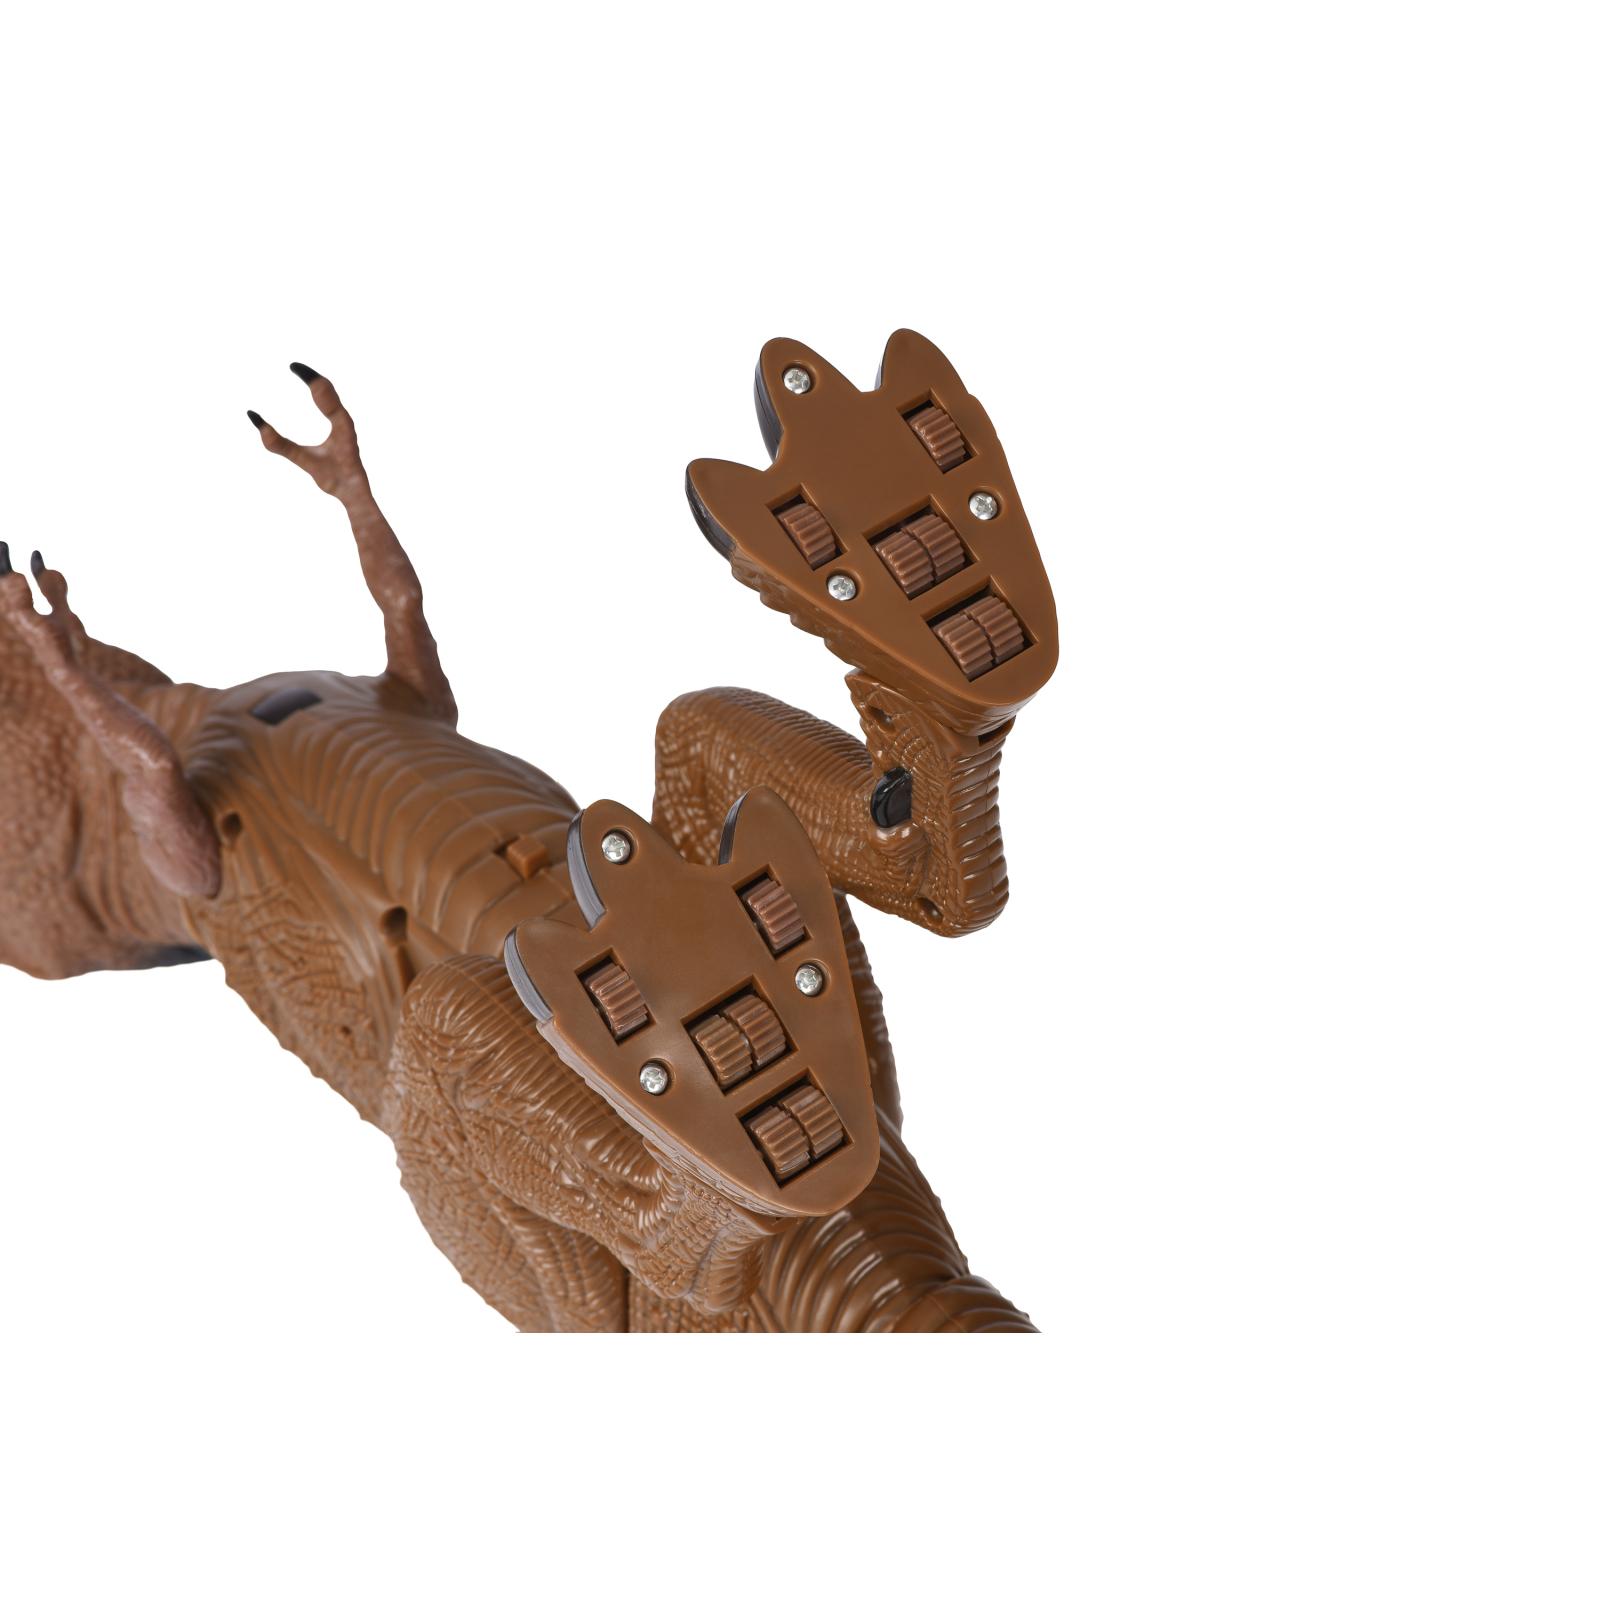 Интерактивная игрушка Same Toy Динозавр Dinosaur Planet коричневый со светом и звуком (RS6133Ut) изображение 7